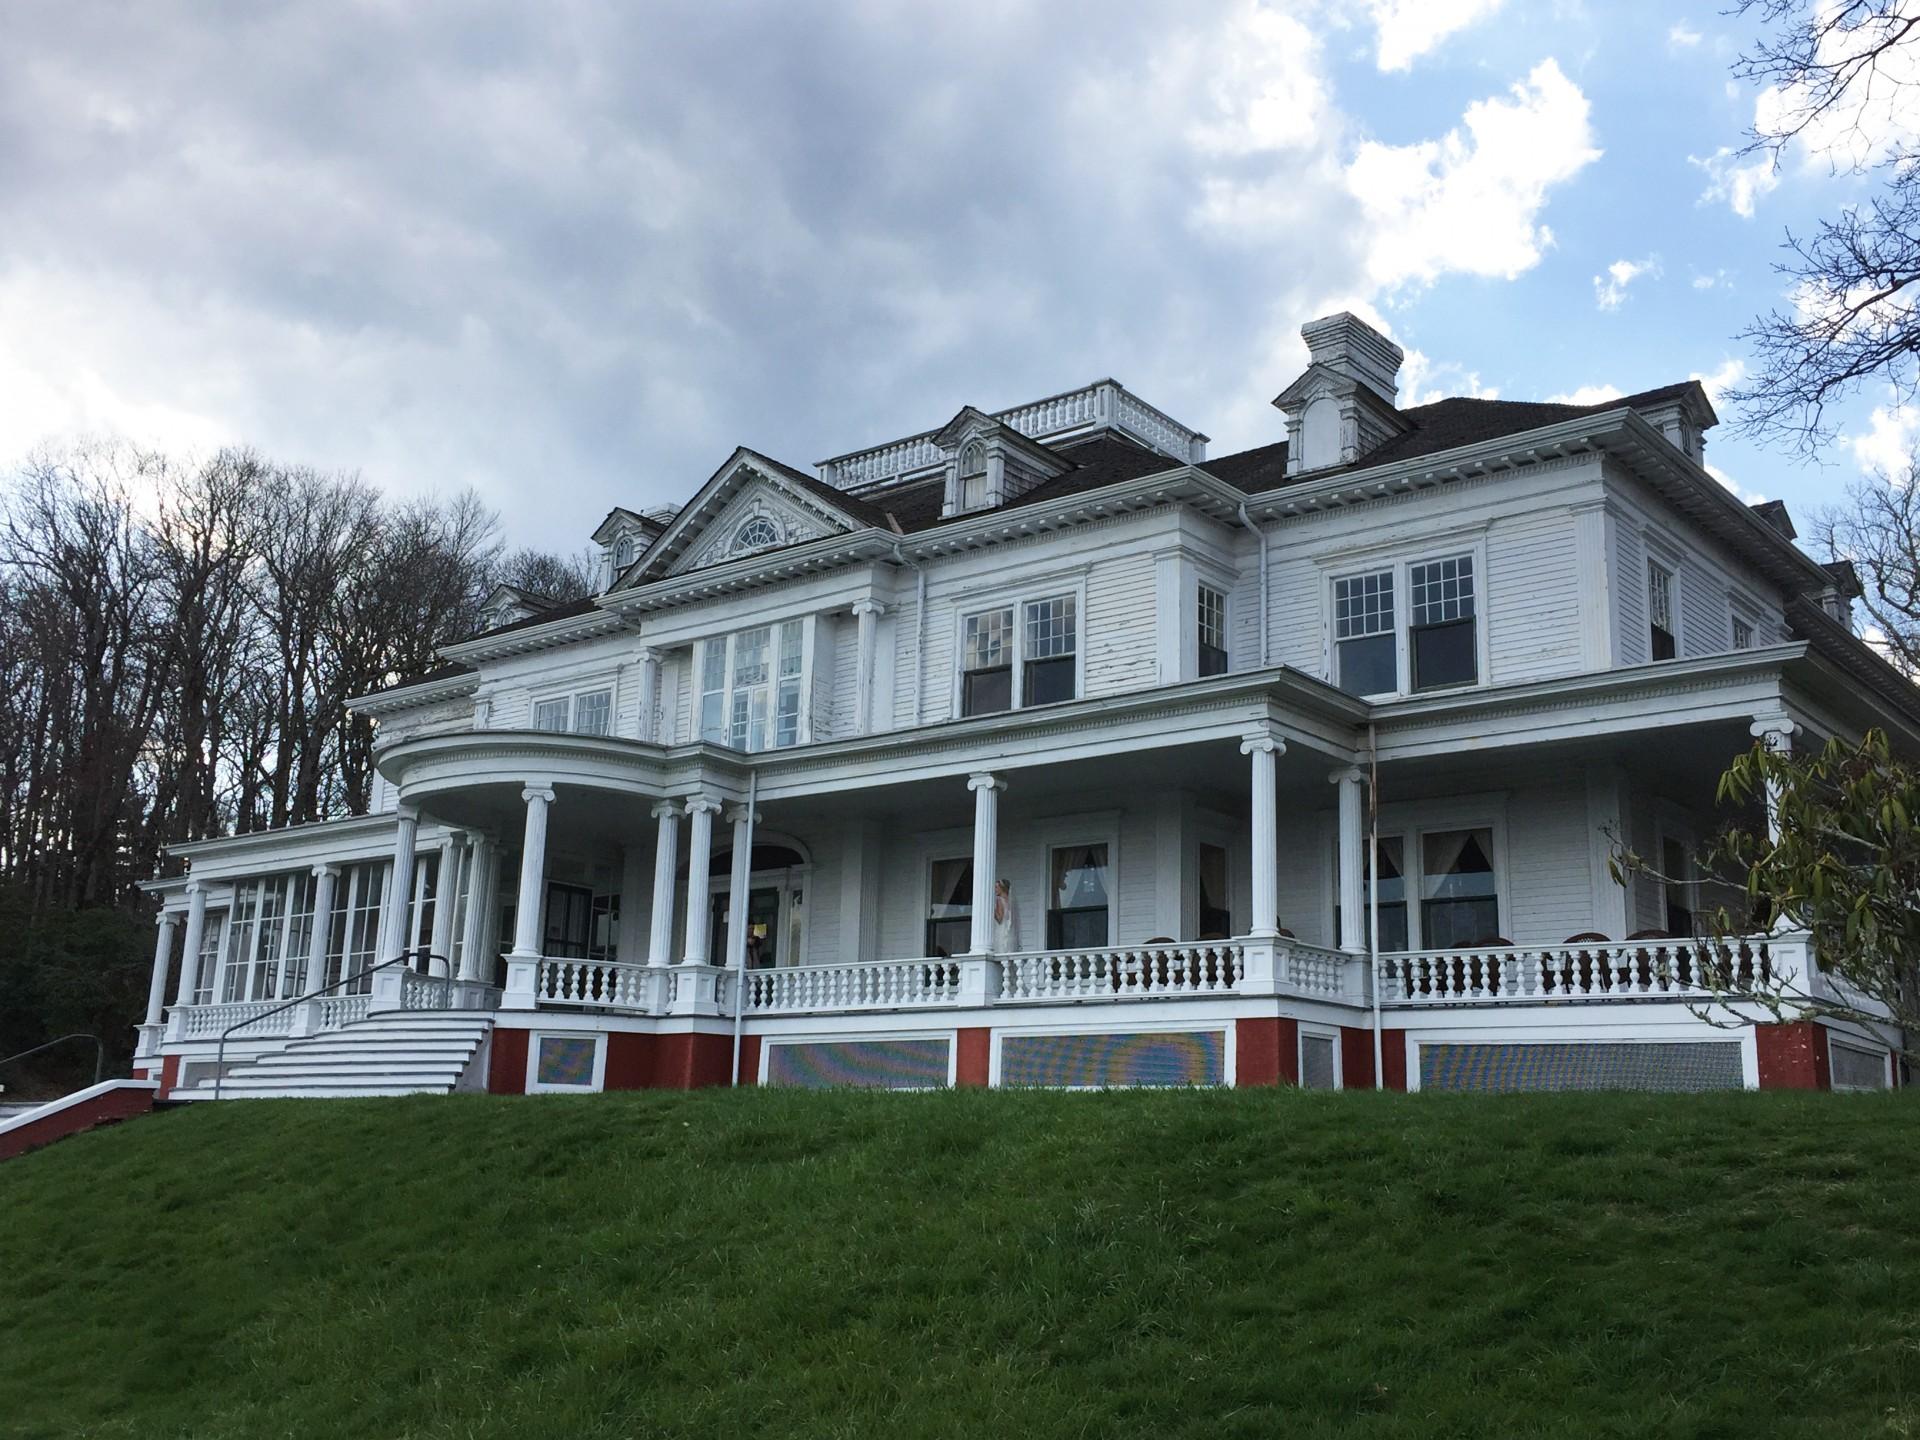 Flat Top Manor at Moses H. Cone Memorial Park